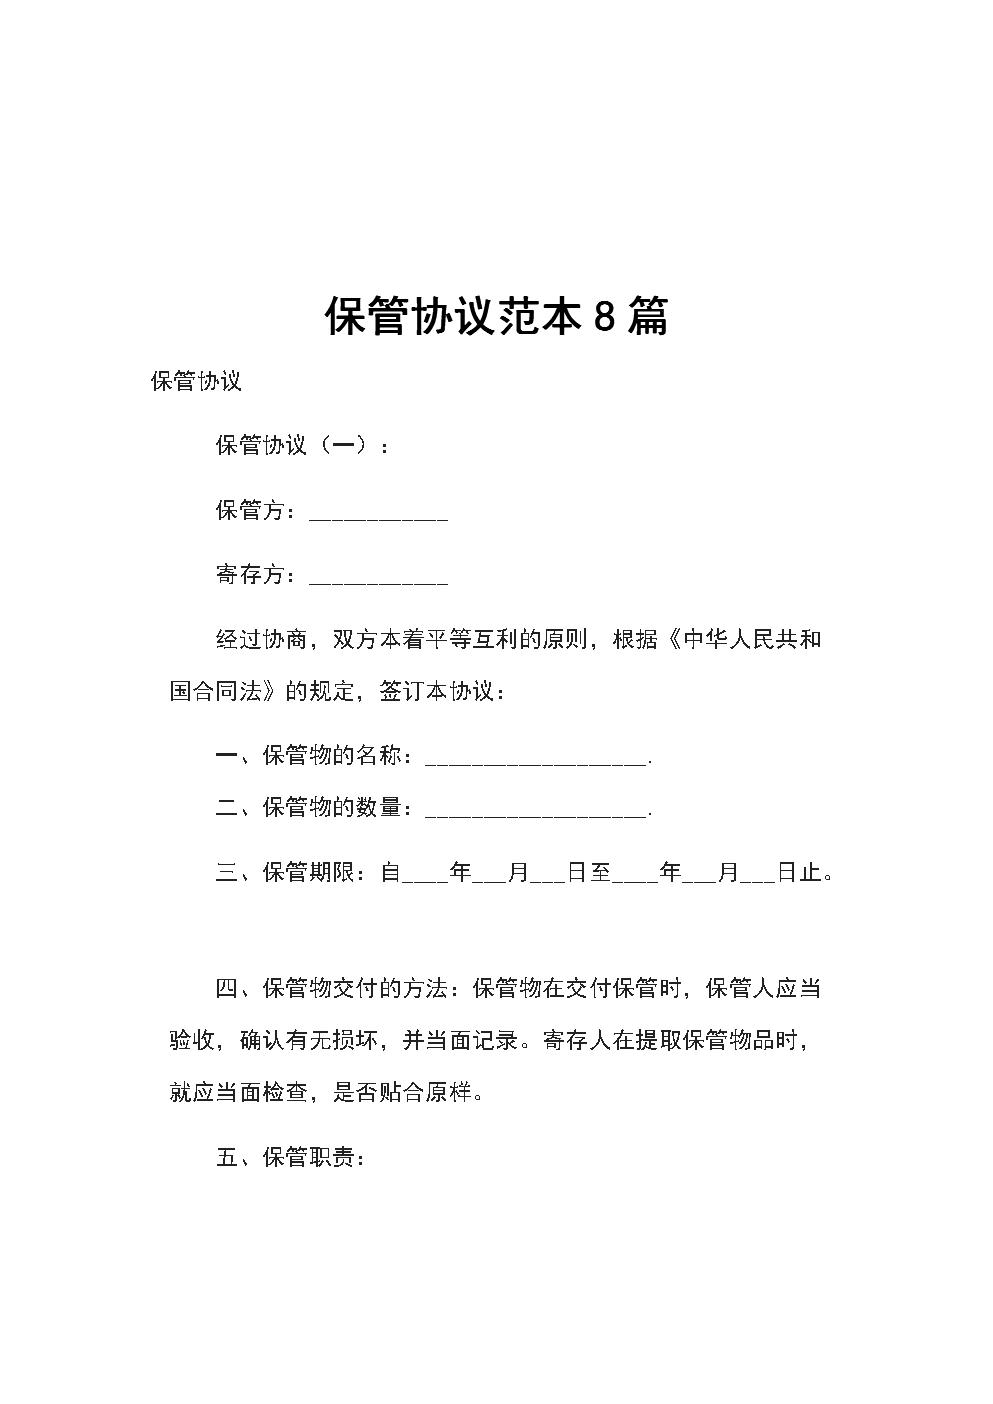 保管协议范本8篇.doc